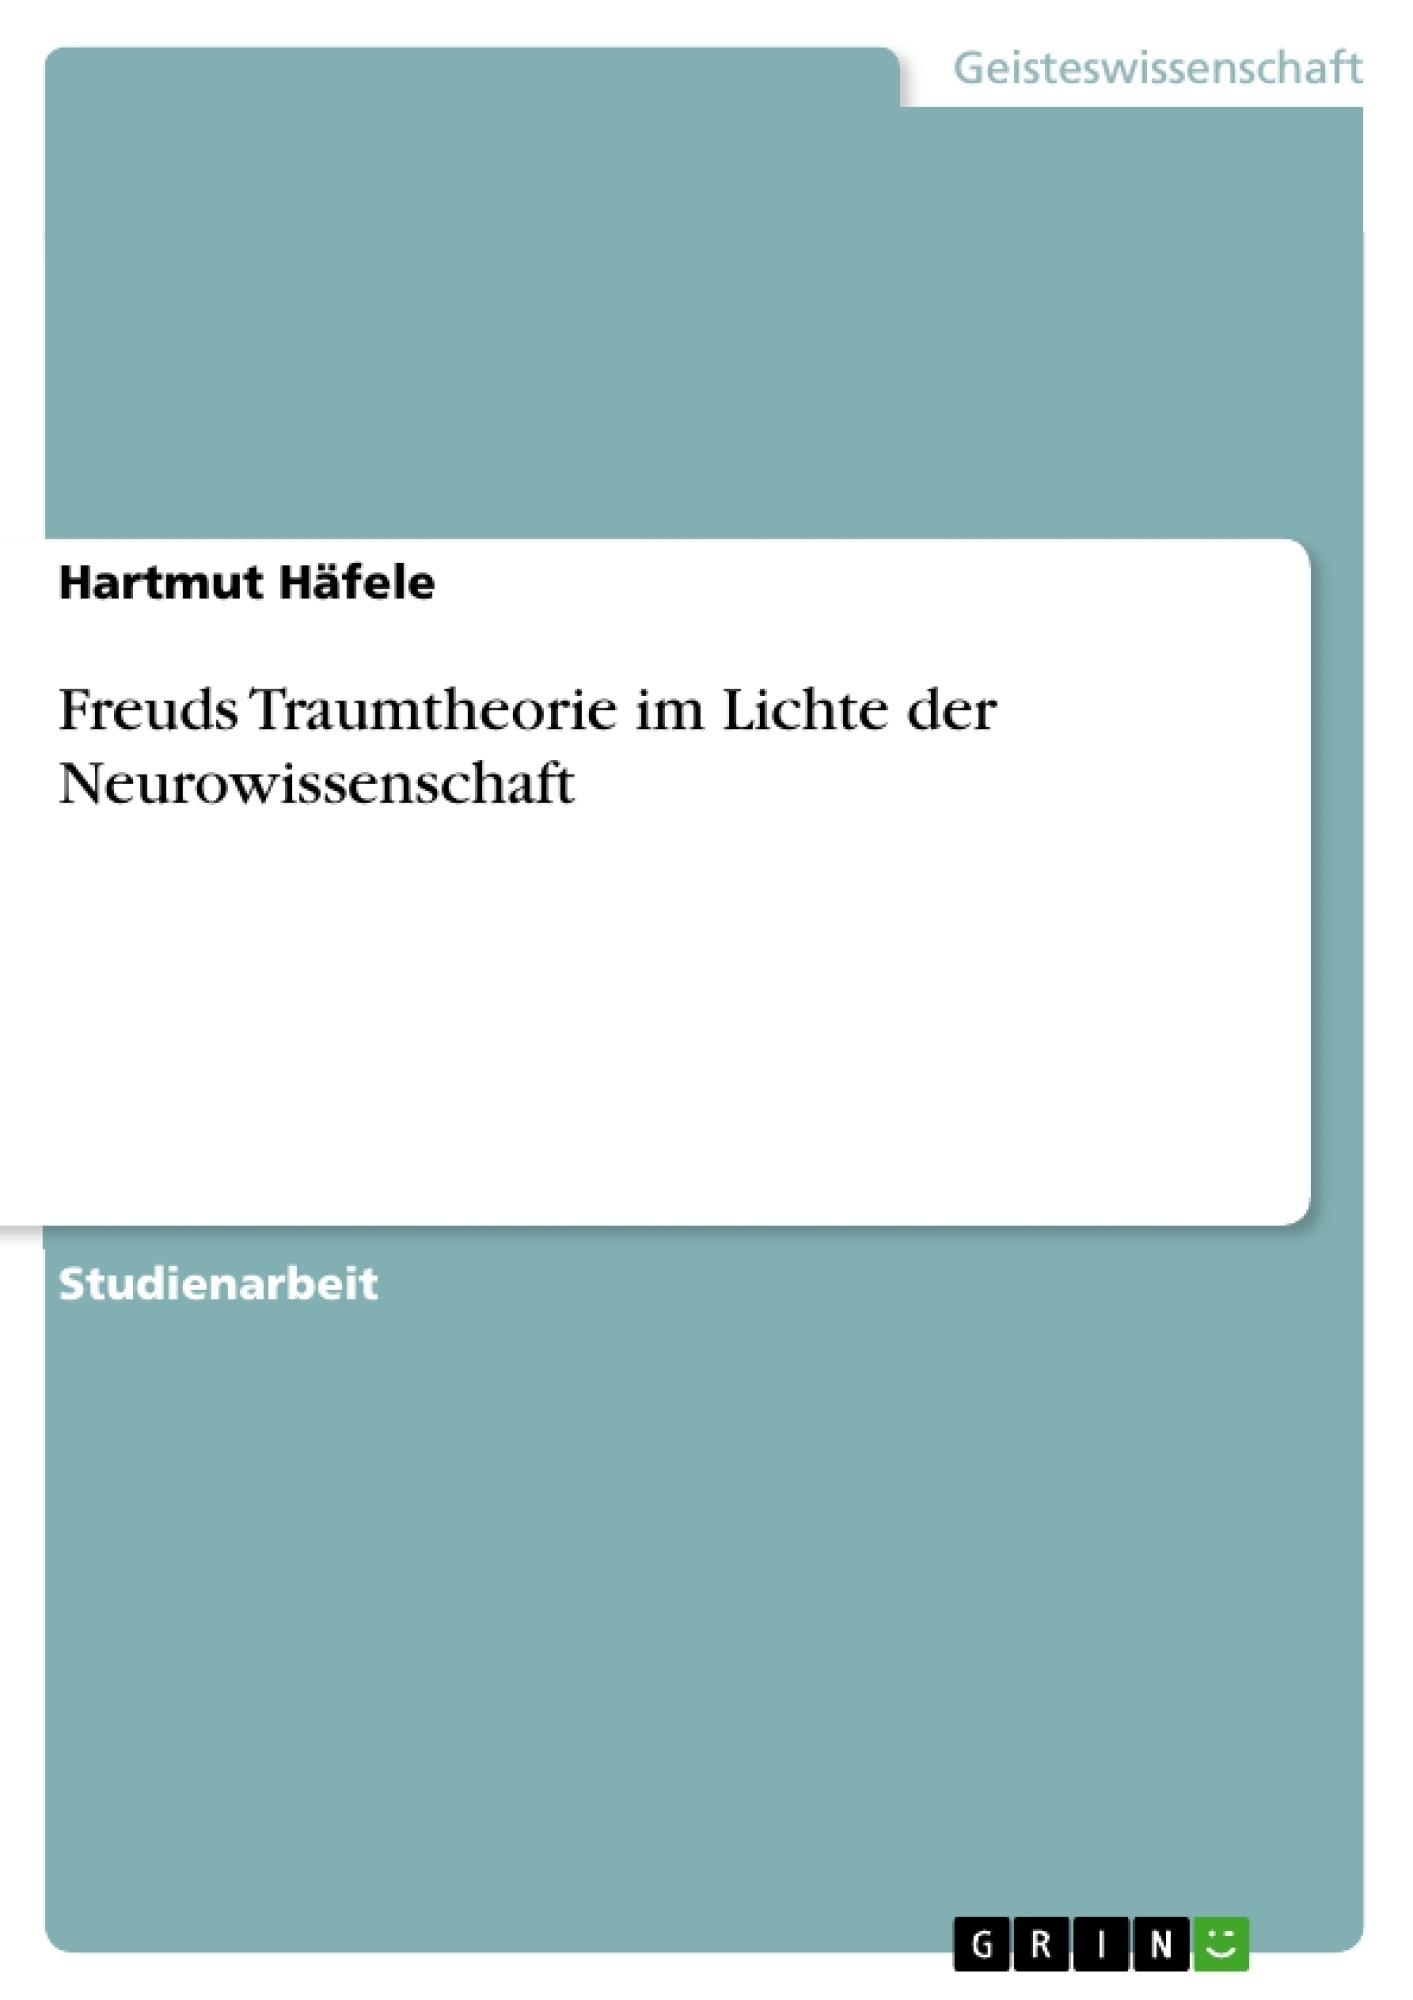 Titel: Freuds Traumtheorie im Lichte der Neurowissenschaft